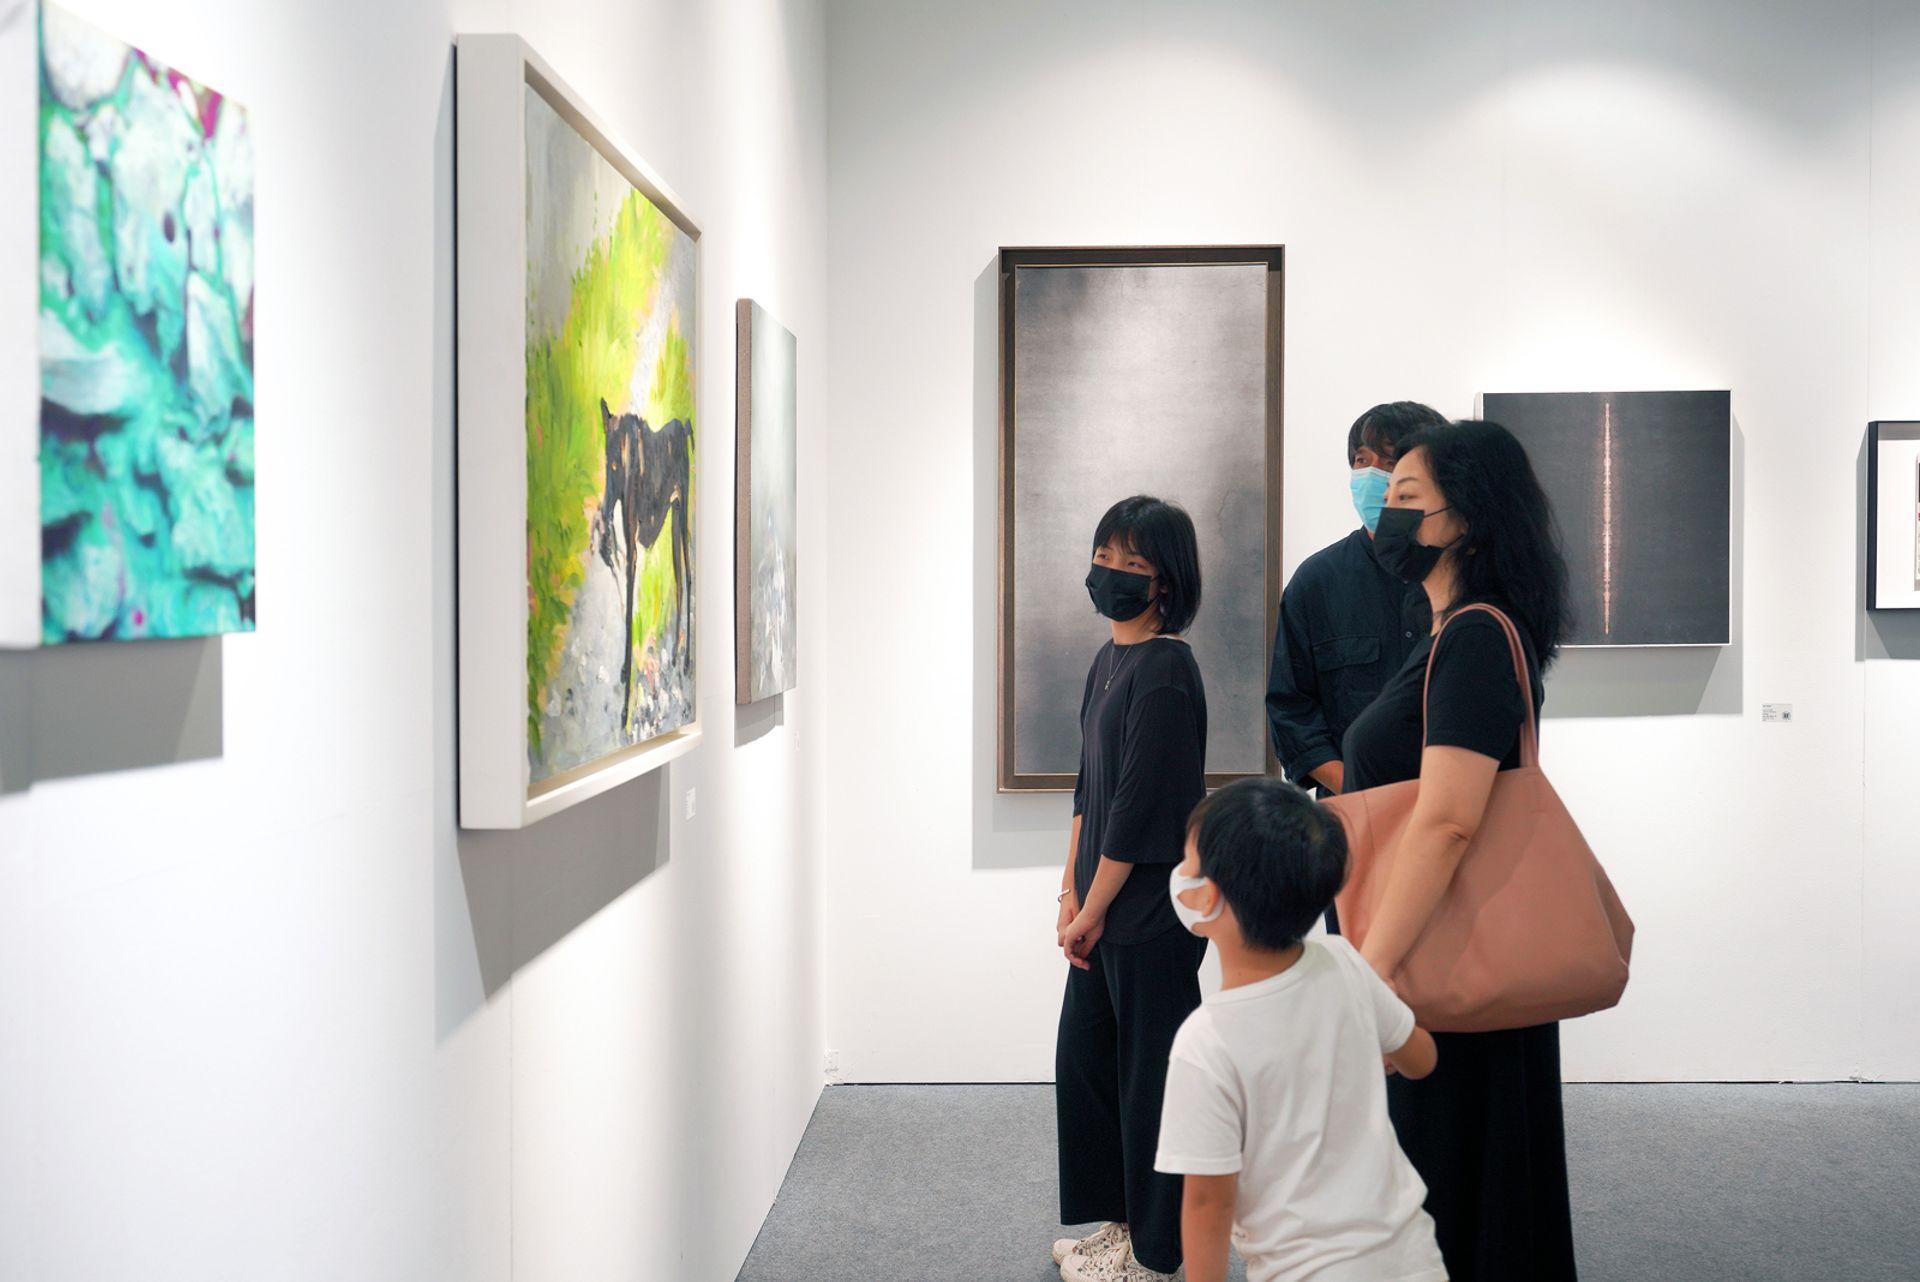 Art Shenzhen opened last weekend Image: courtesy of 2020 Art Shenzhen